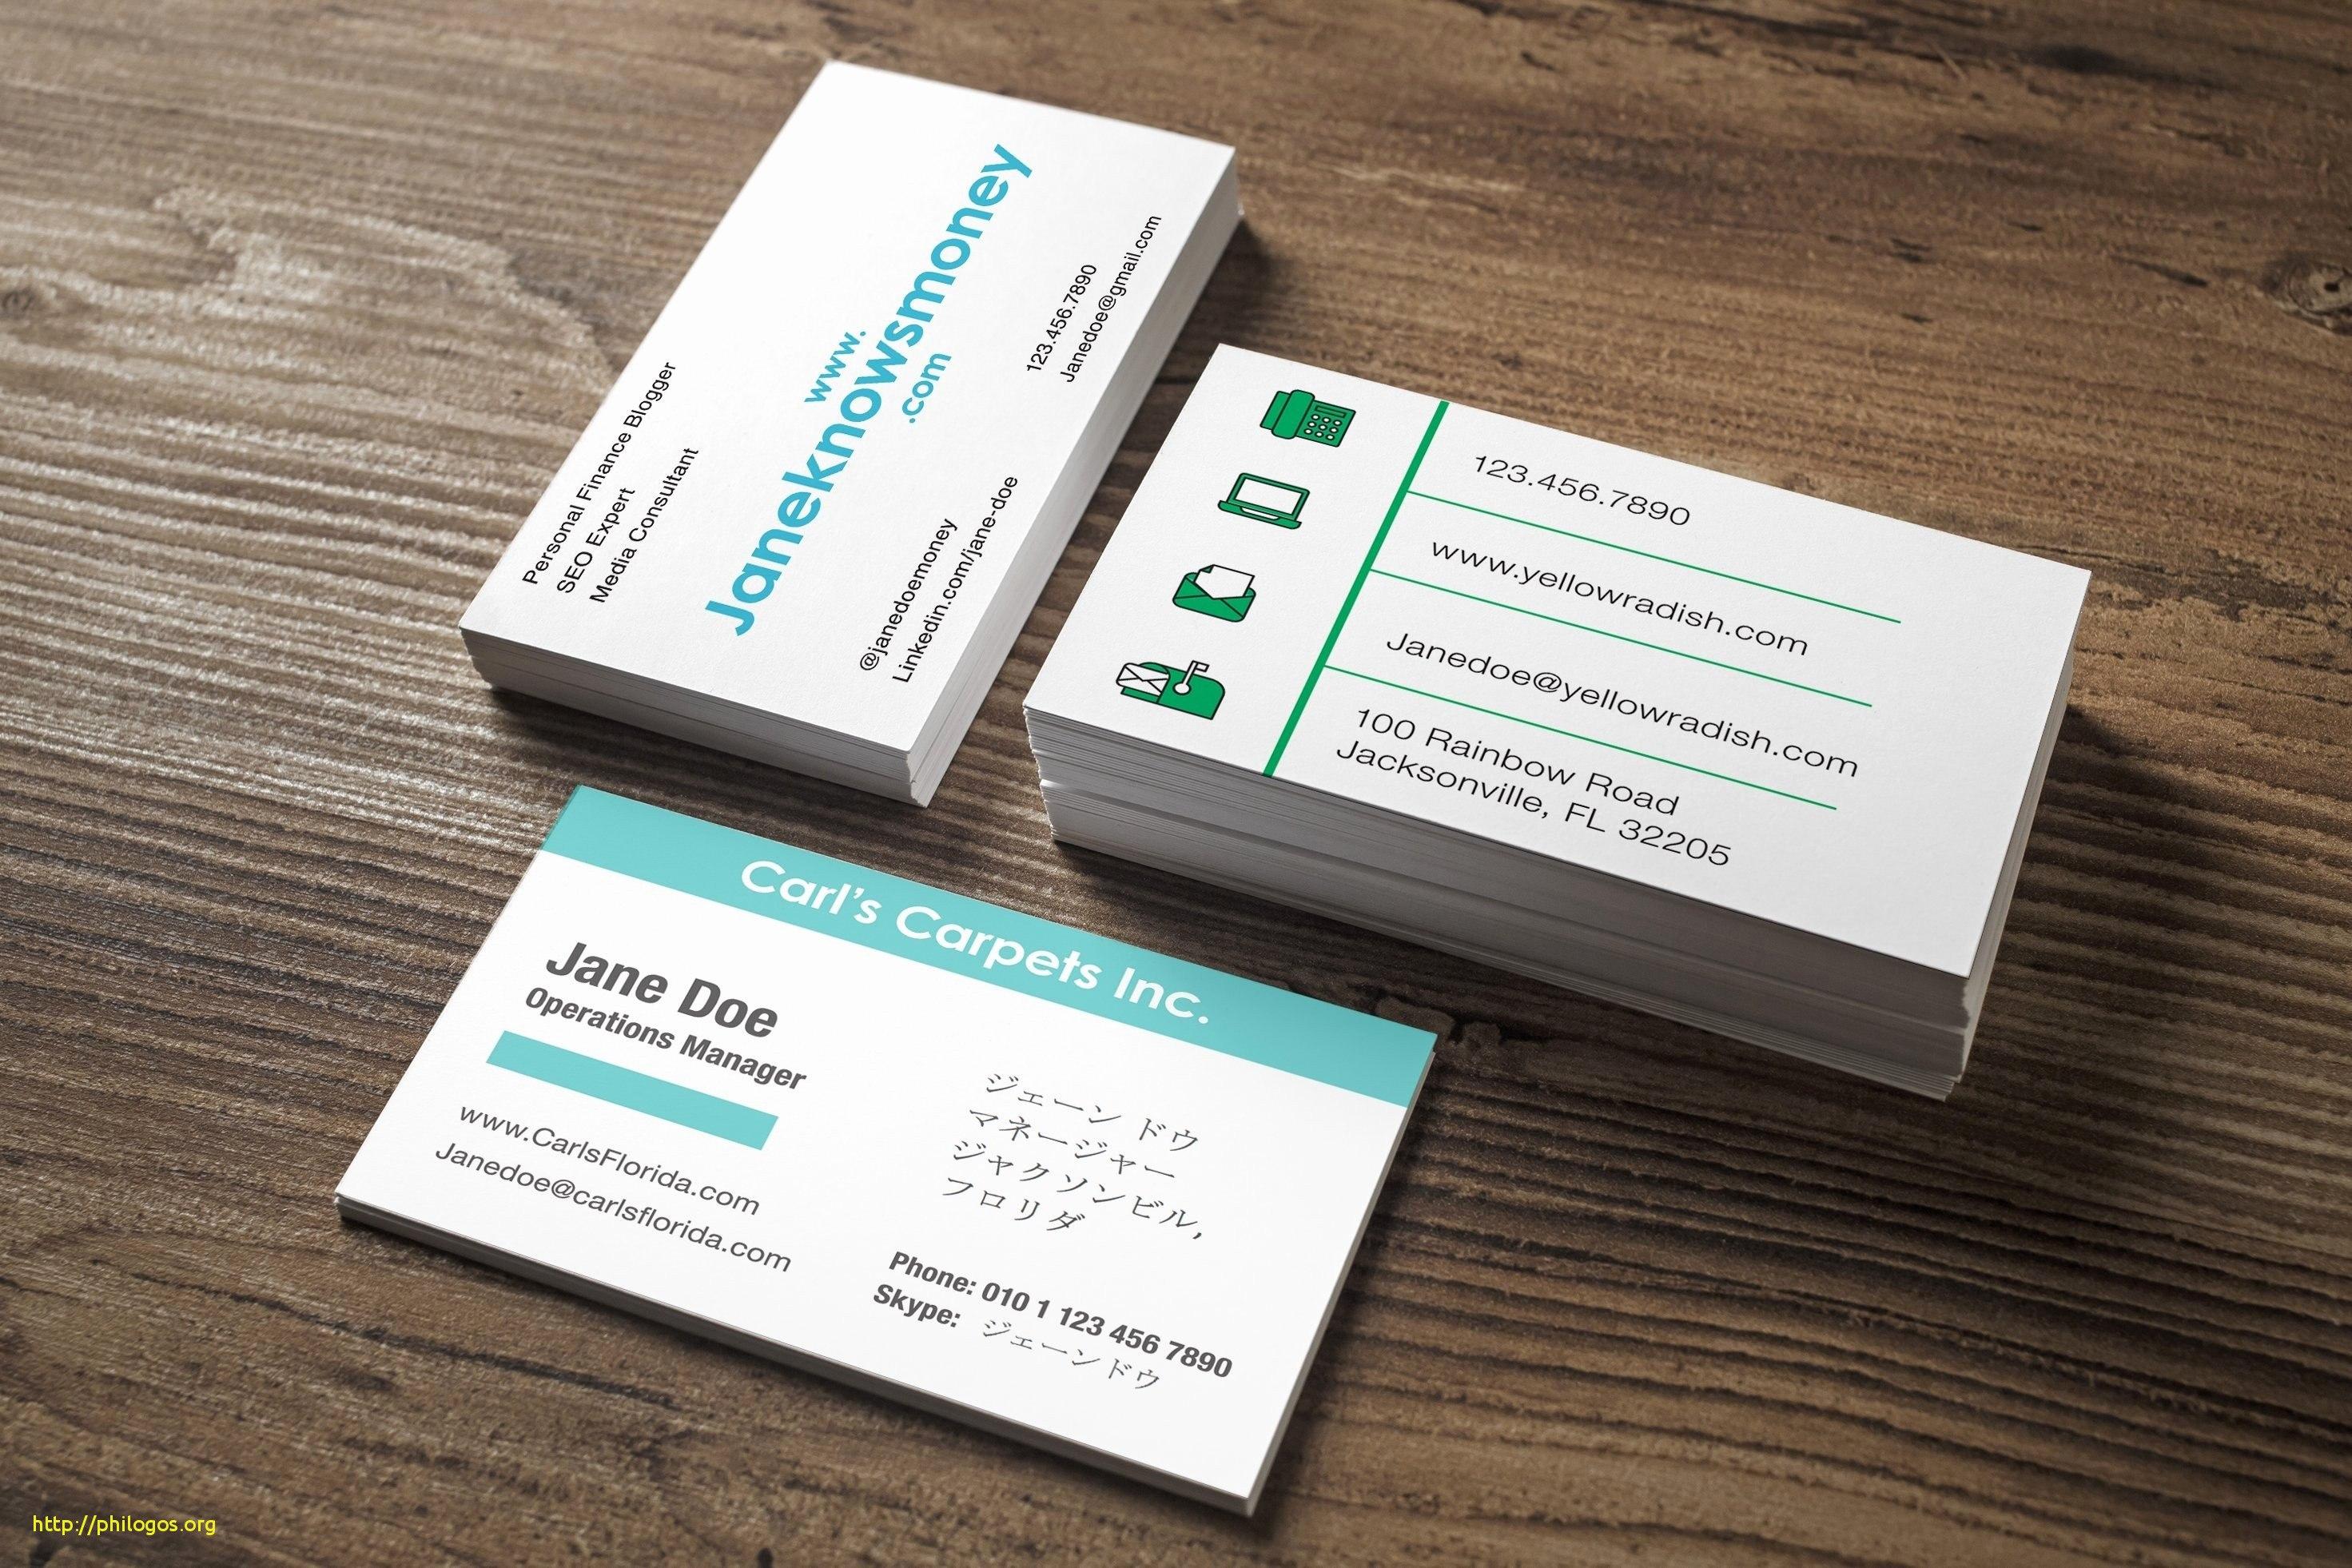 Paul Allen Business Card Template Inspirational New Business Cards With Paul Allen Business Card Template